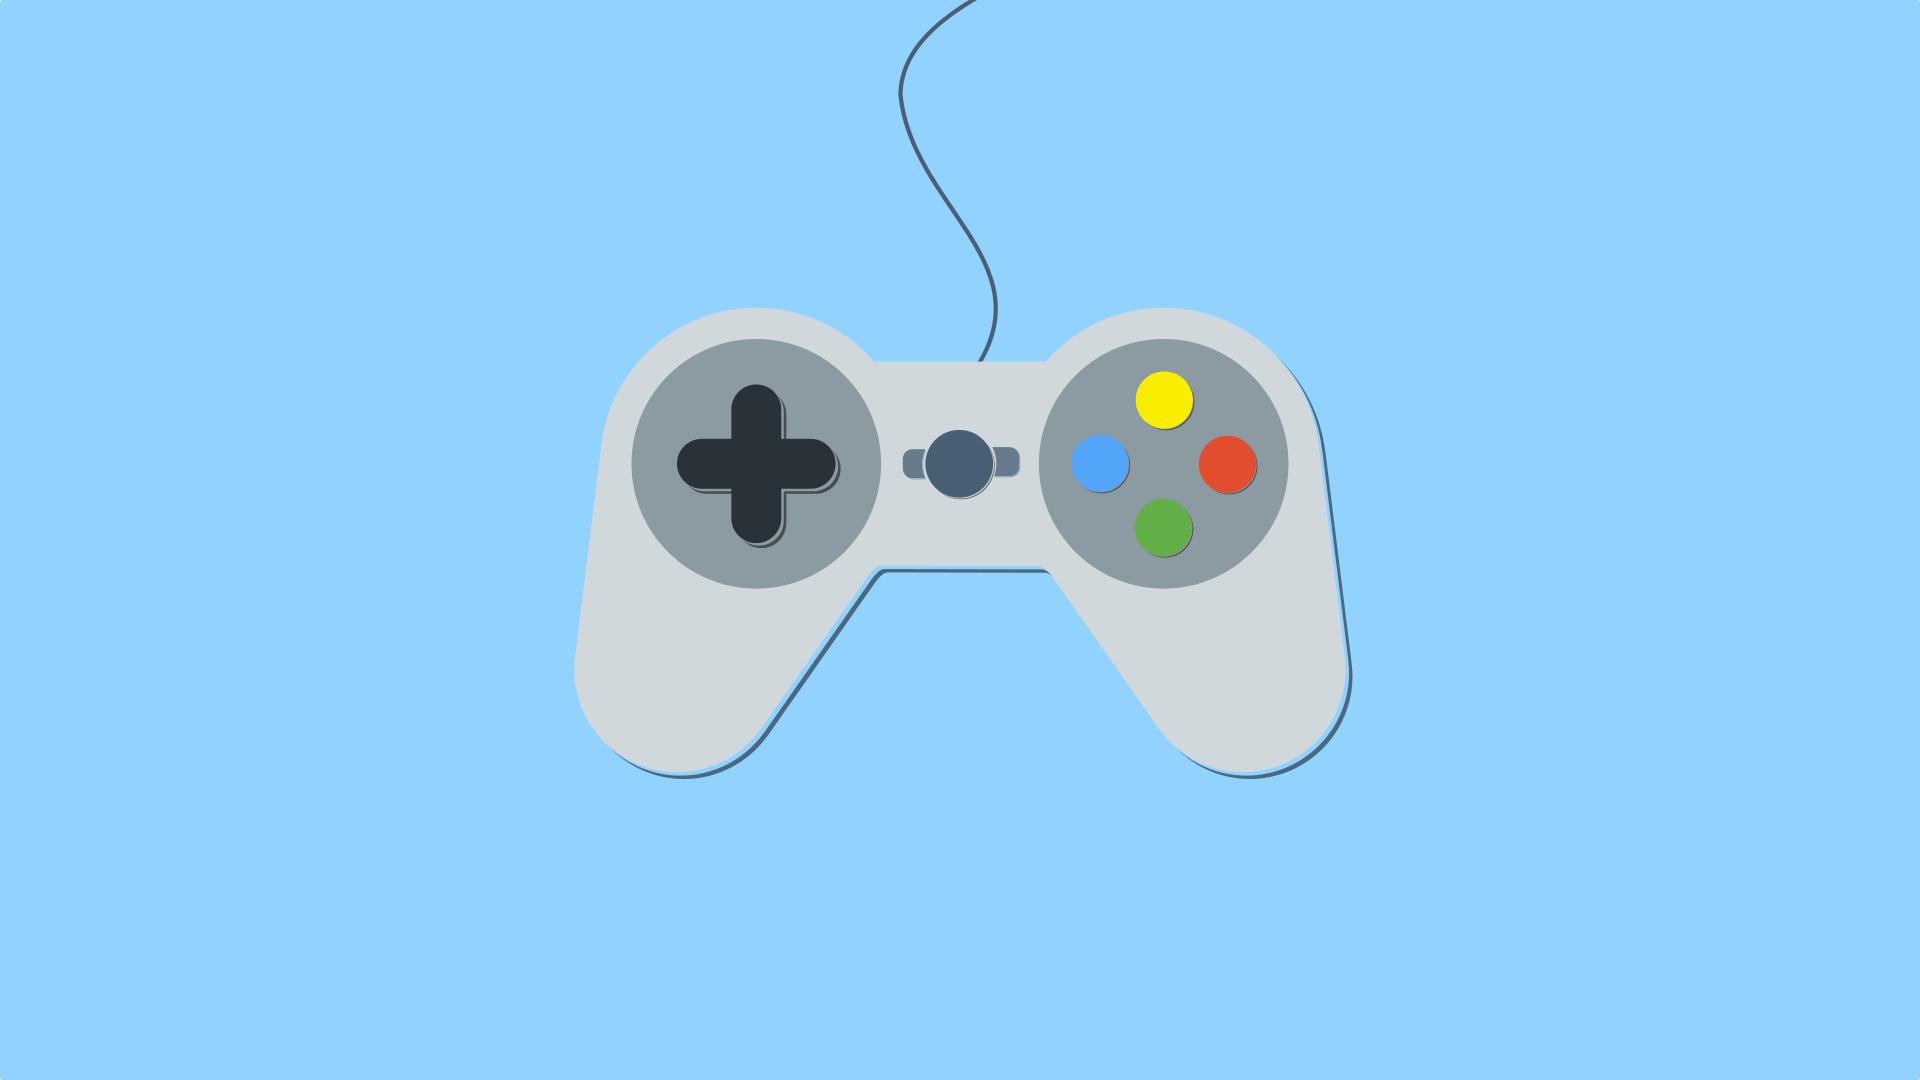 リモート コントロール, ビデオ ゲーム, ジョイスティック, コンソール, レトロ - HD の壁紙 - 教授-falken.com